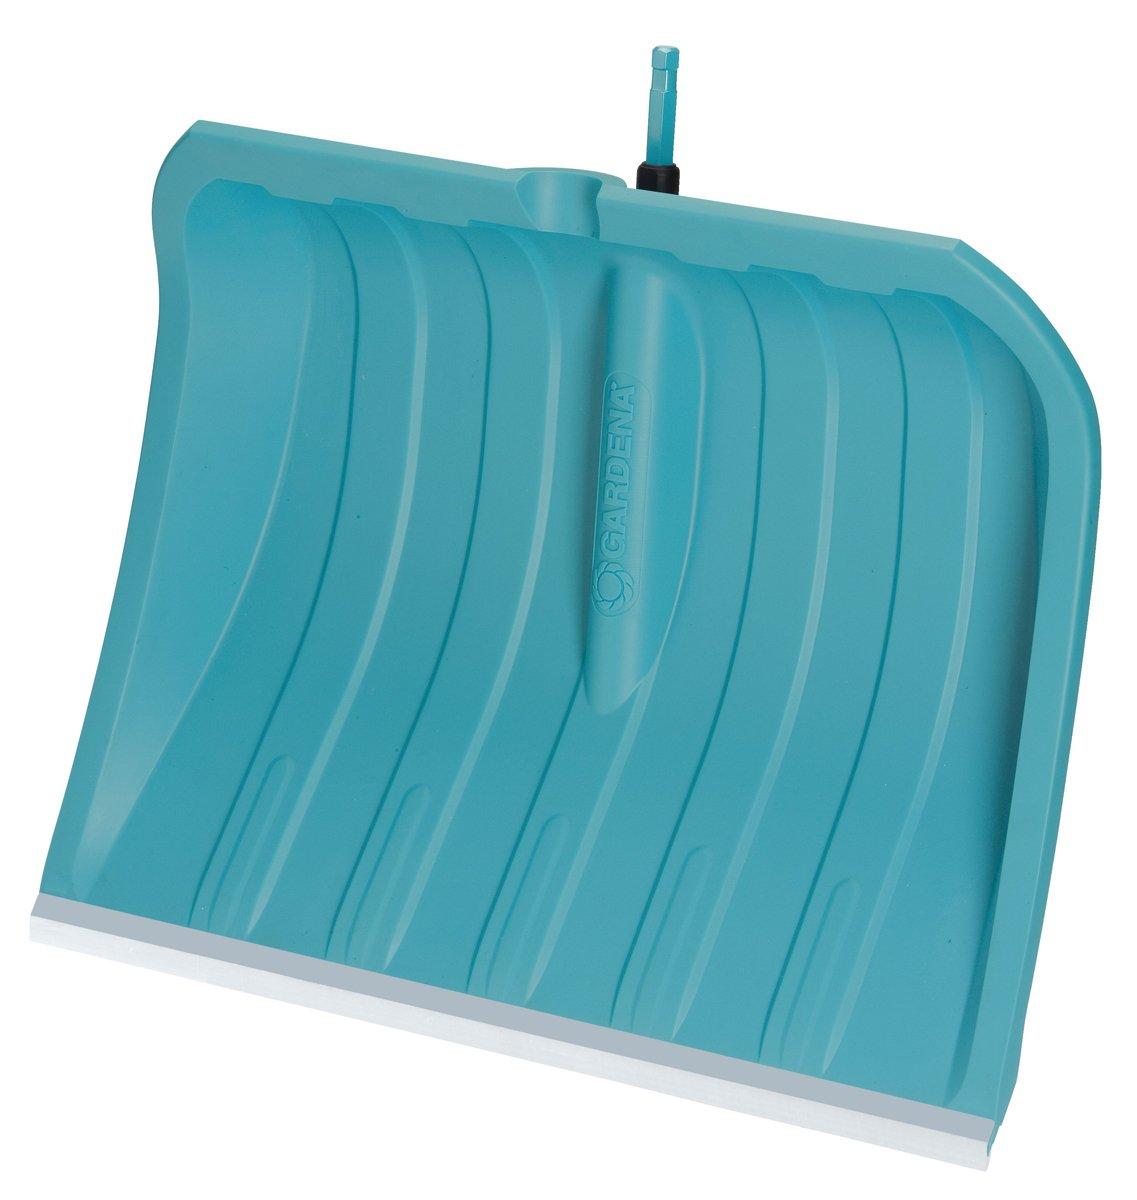 Gardena 3243-20 Combisystem Es 50 Spingineve, Profilo Acciaio Inox Resistente ad Abrasione, Urti, Freddo Fino a -40°C,  50 cm